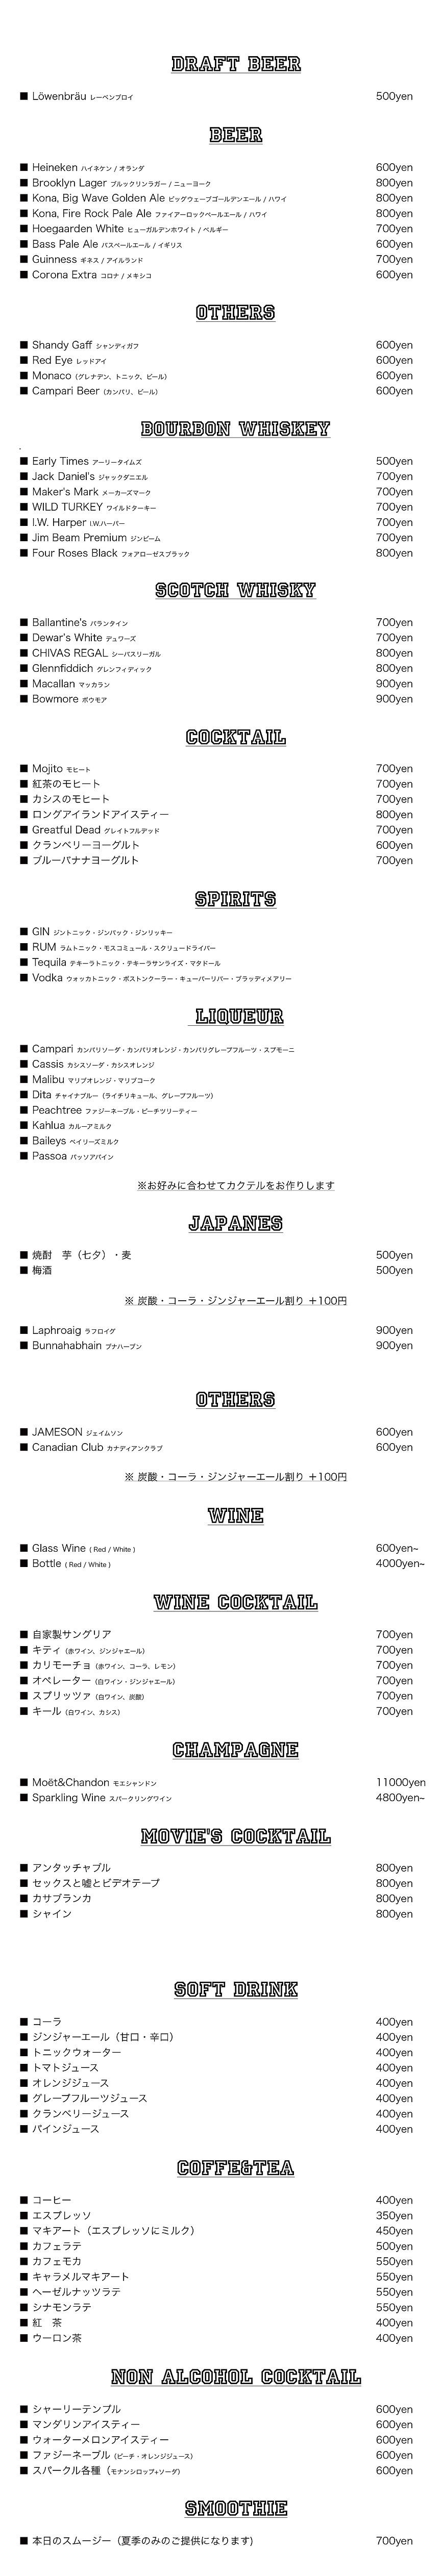 alffo drink menu アルフォ ドリンク メニュー